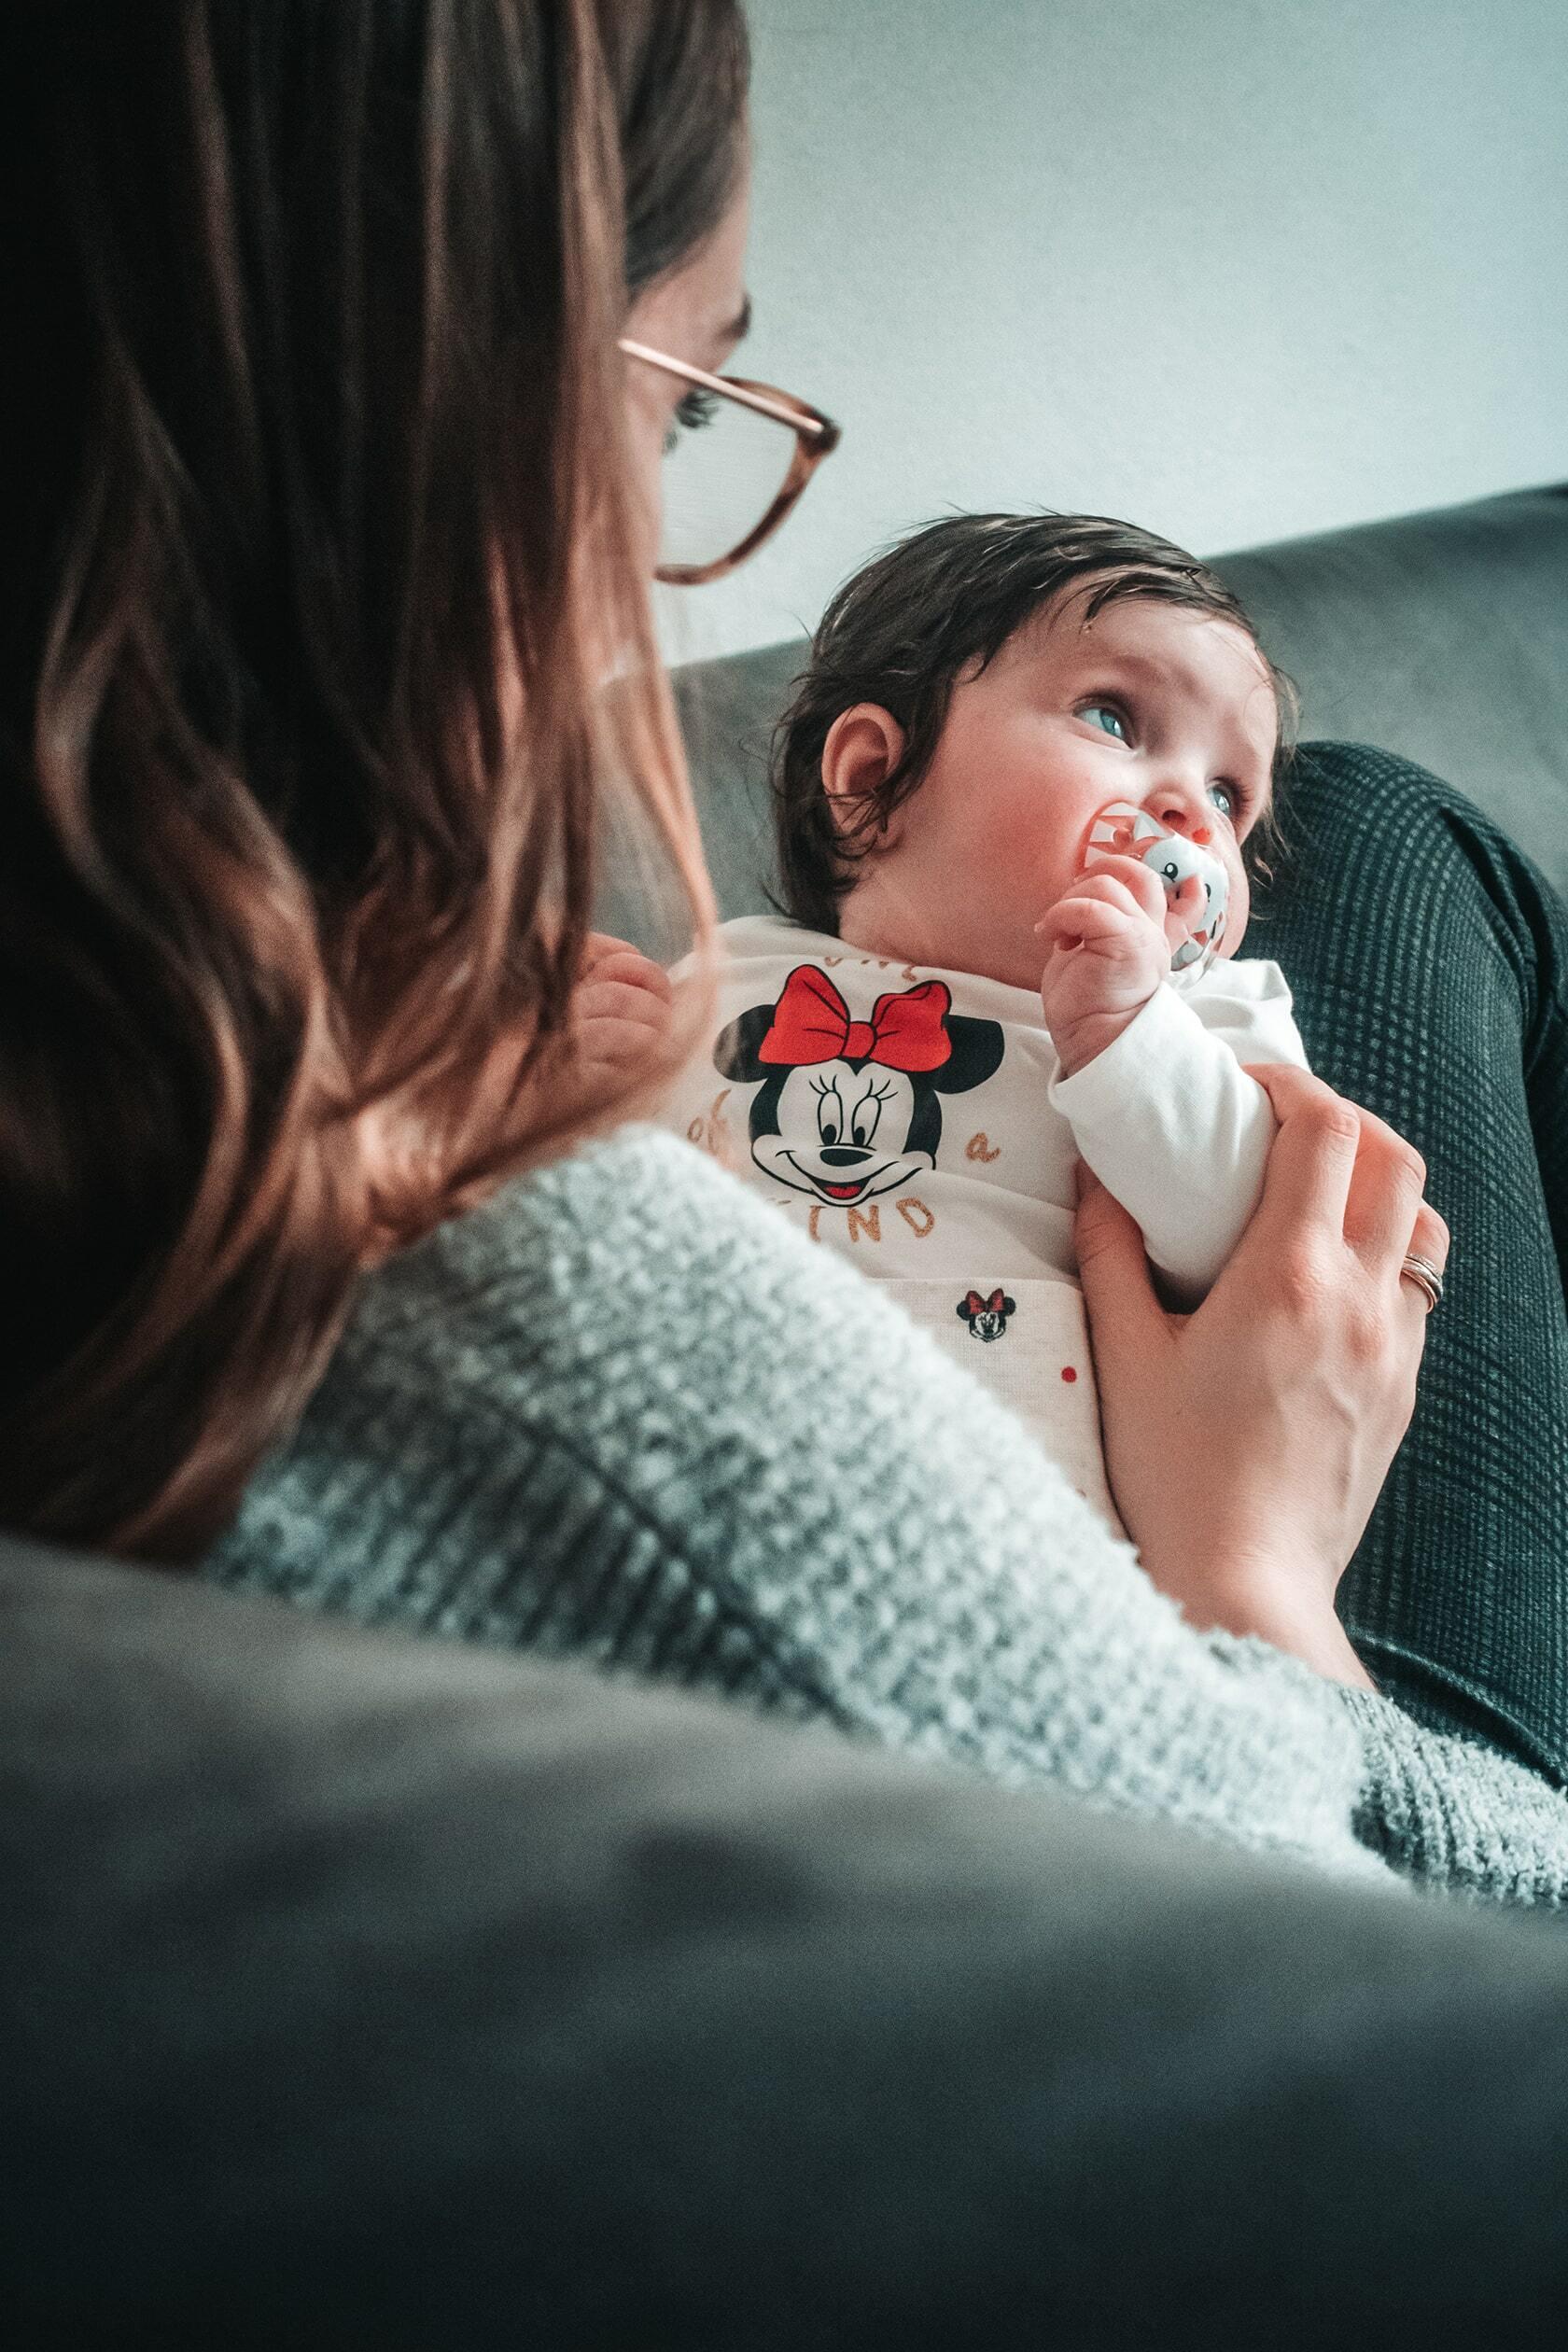 Foto van een baby uit fotografie collectie mensen van Simon Wijers